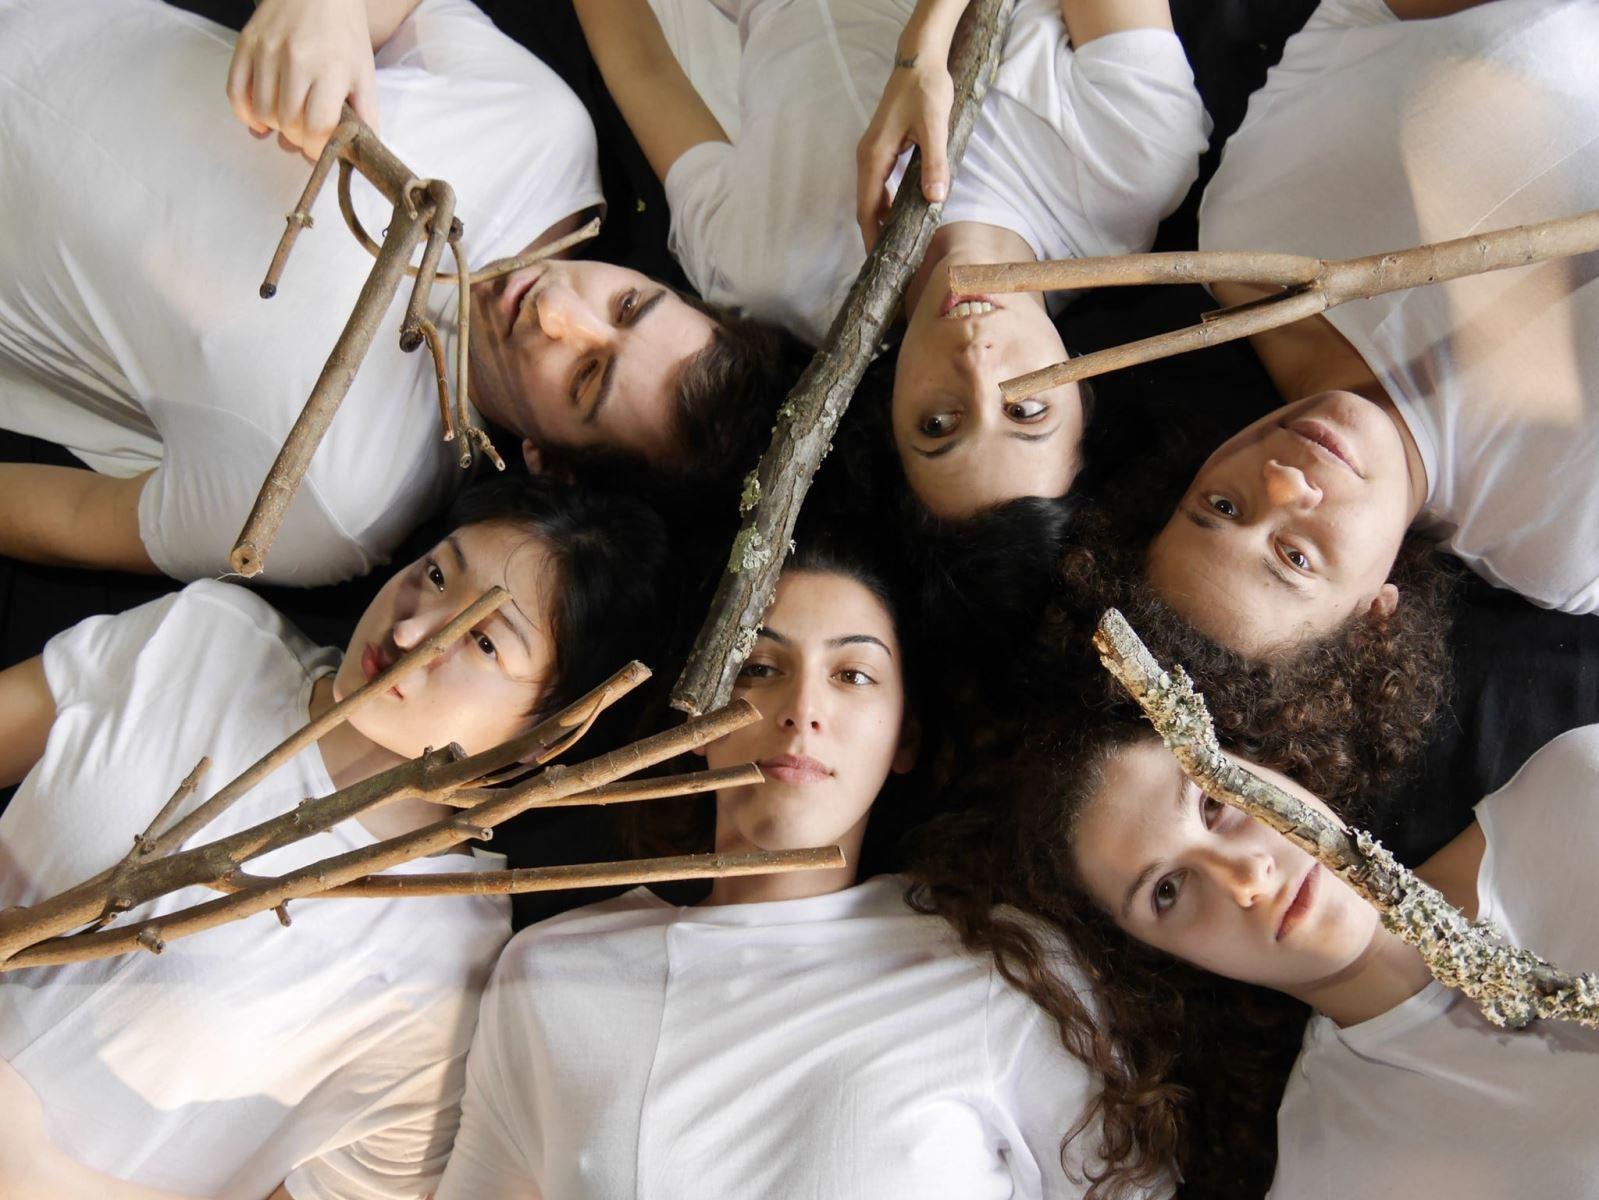 Plural Companhia de Dança apresenta espetáculo: UN TSUGI nos dias 4 e 5 de junho